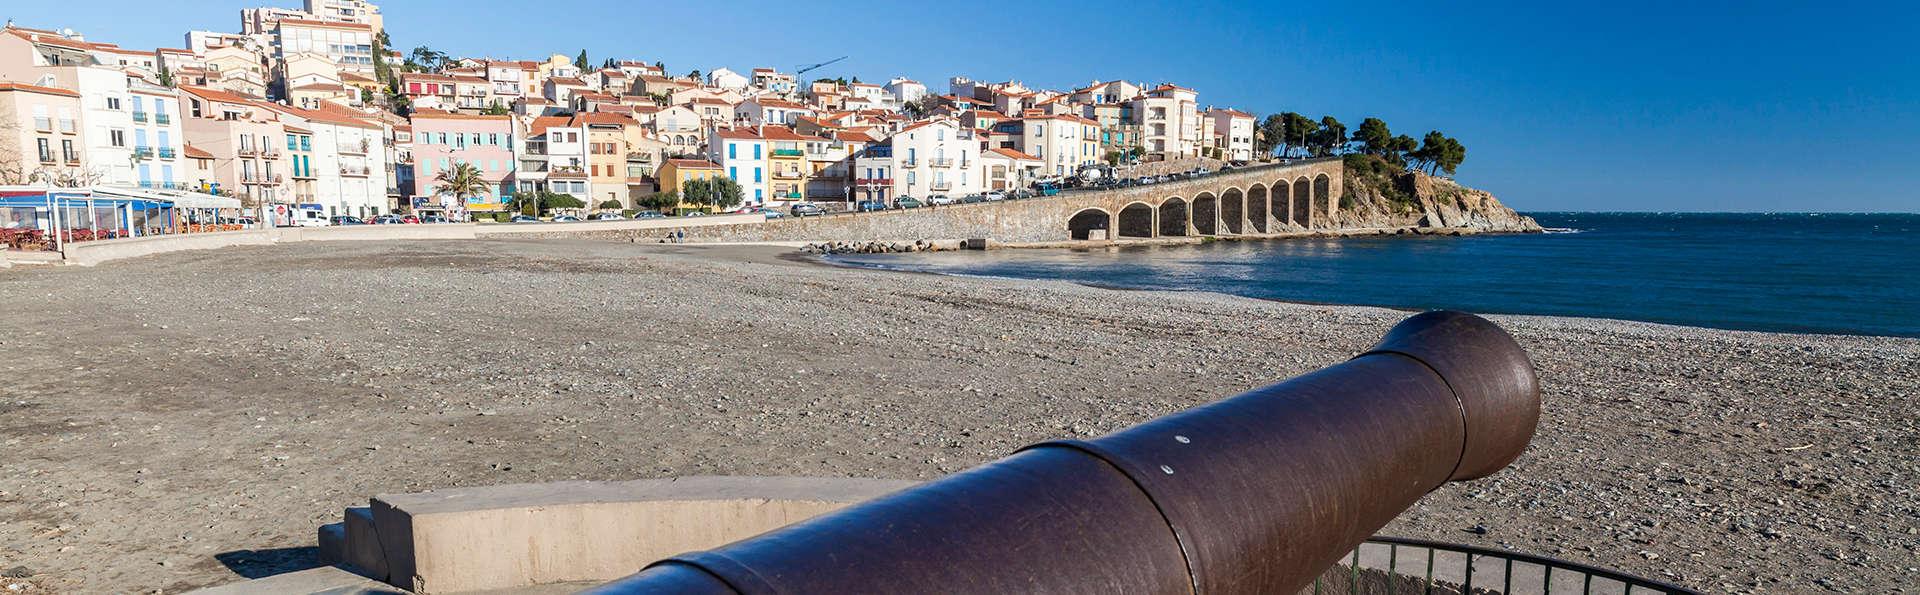 Côté Thalasso - Banyuls sur mer - edit_banyuls2.jpg